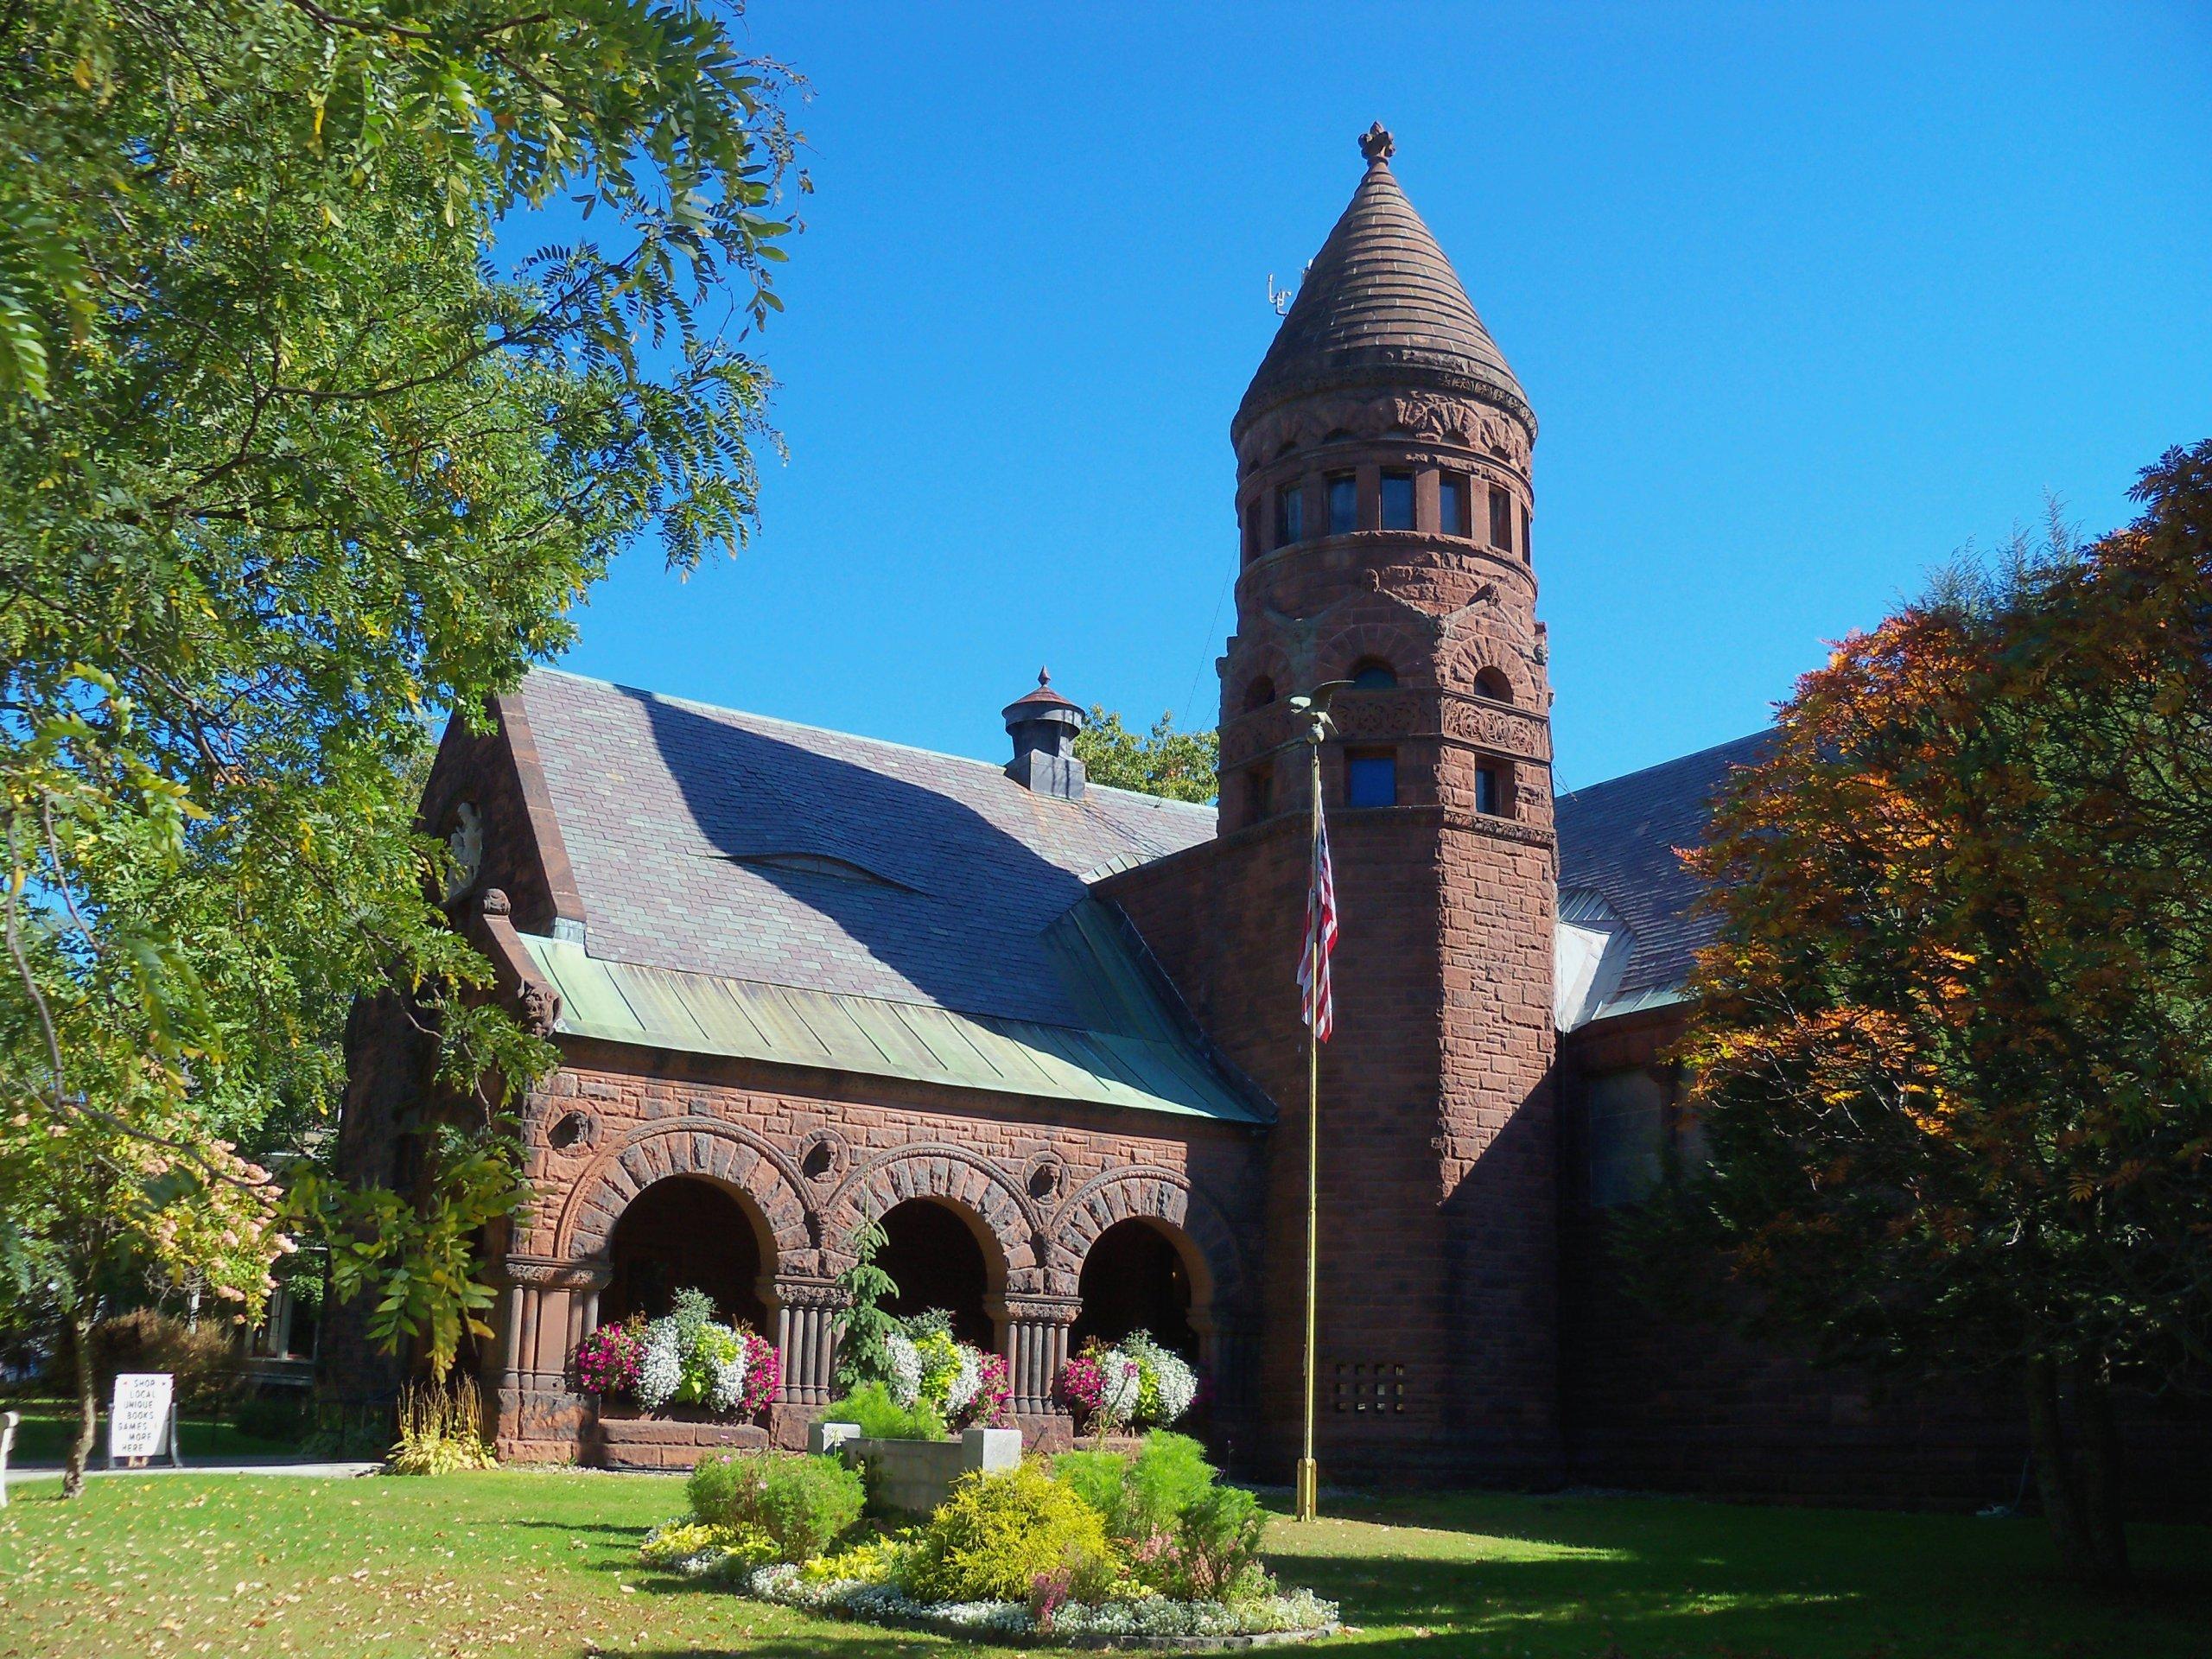 Fairbanks Museum and Planetarium, Vermont